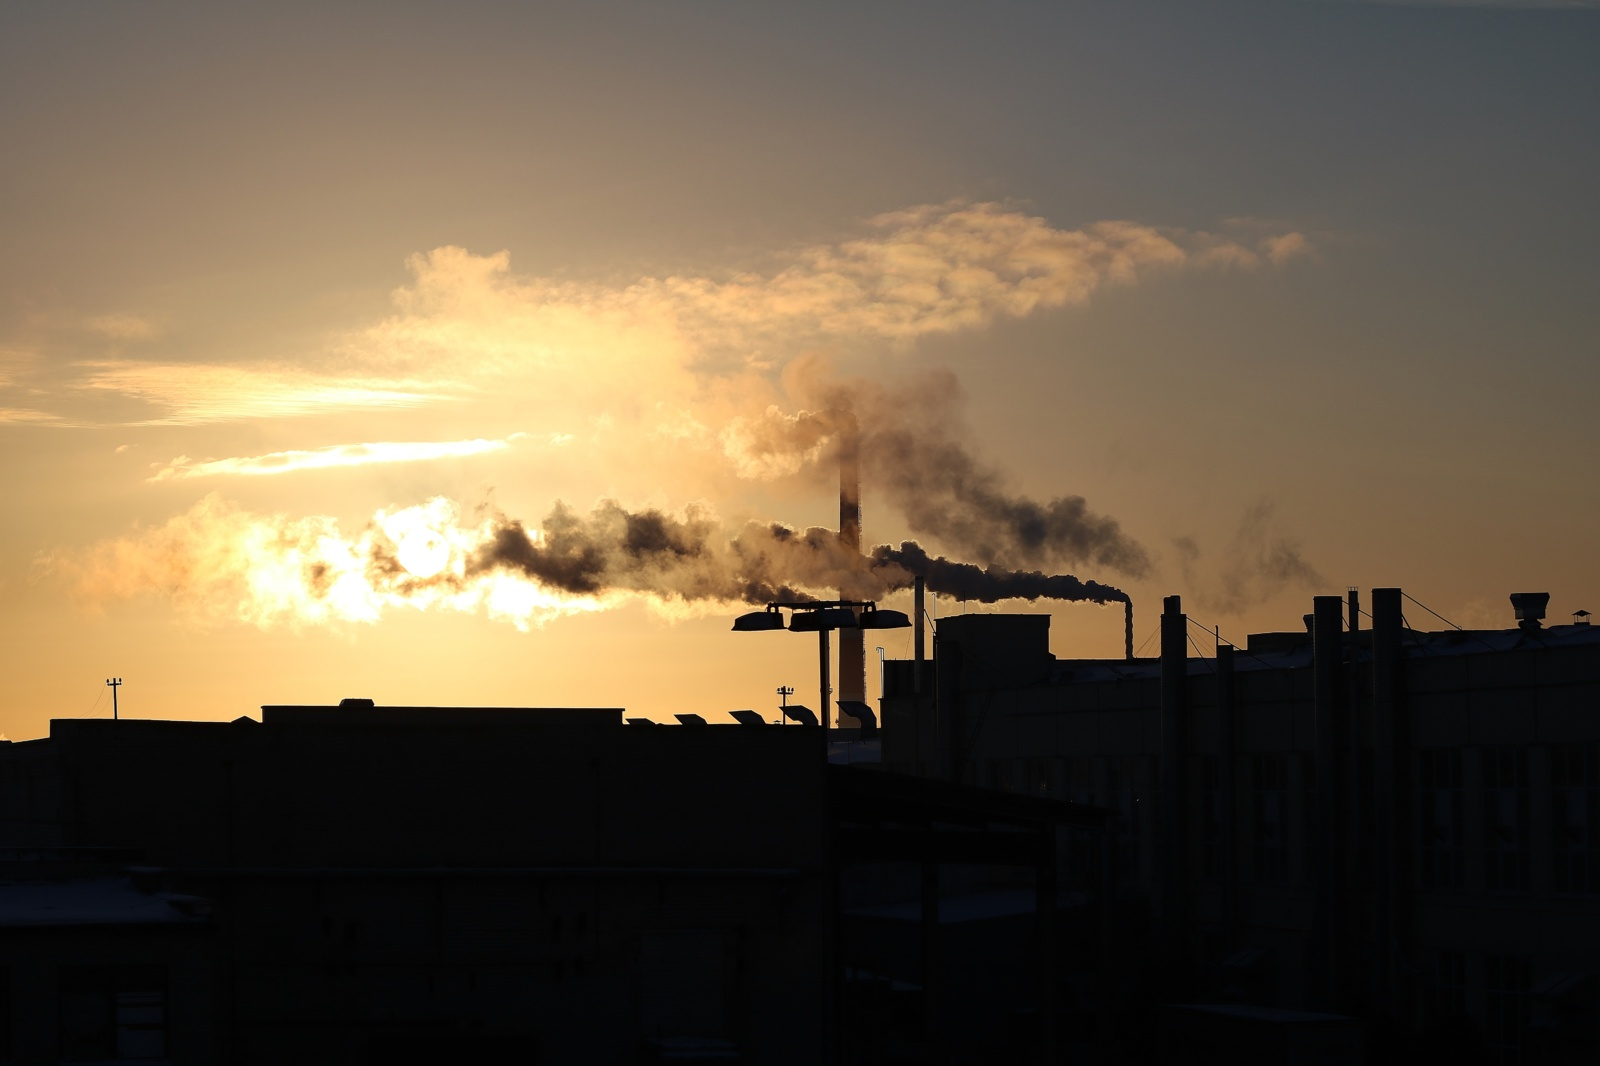 Anglies dvideginio emisija pirmąjį pusmetį sumenko 8,8 procento, to poveikis klimatui nebus svarus